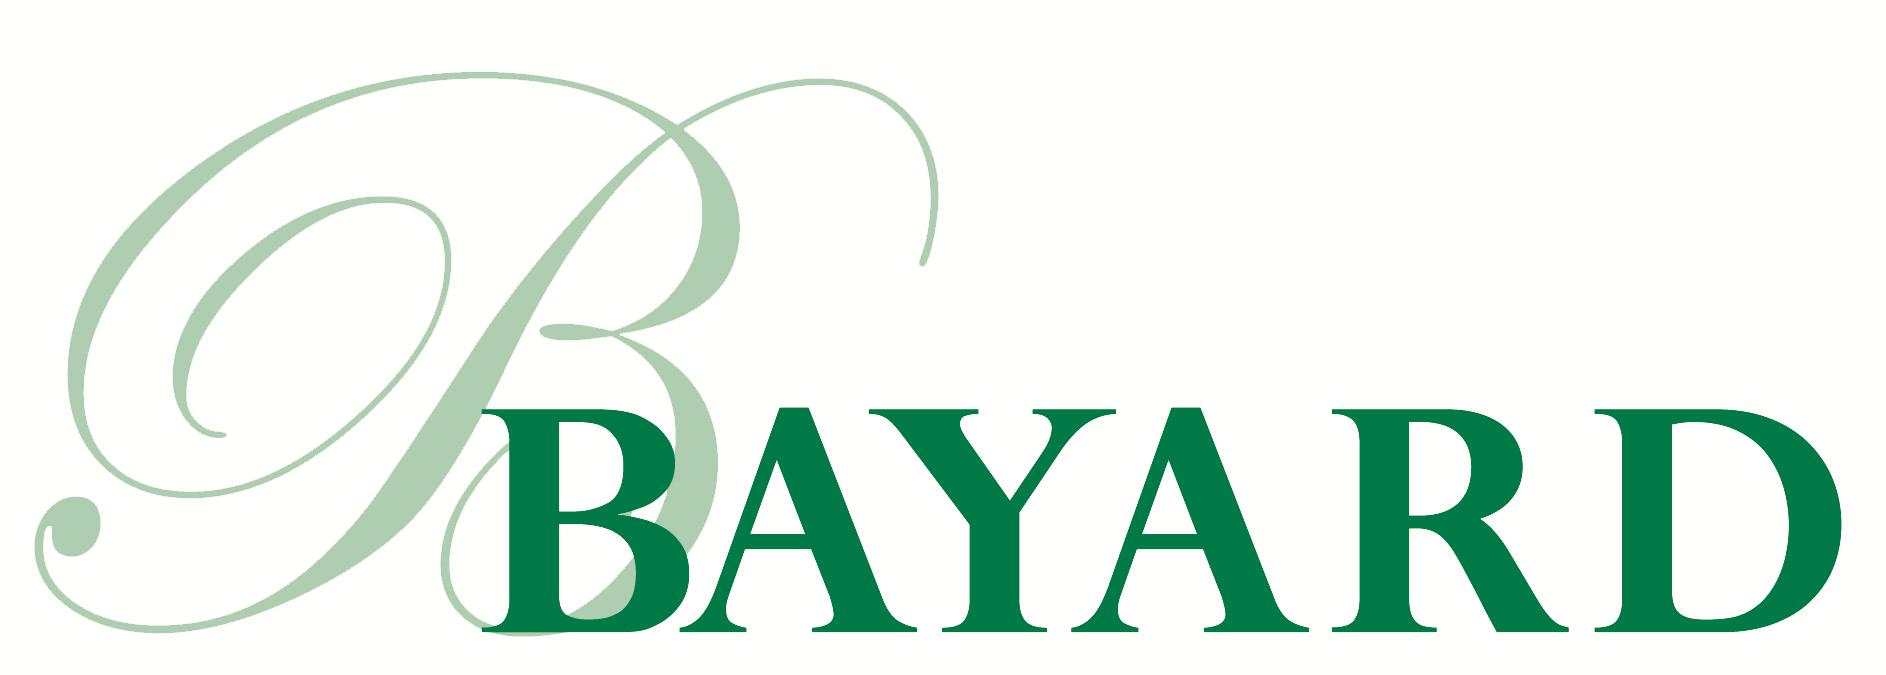 Bayard, P.A. logo